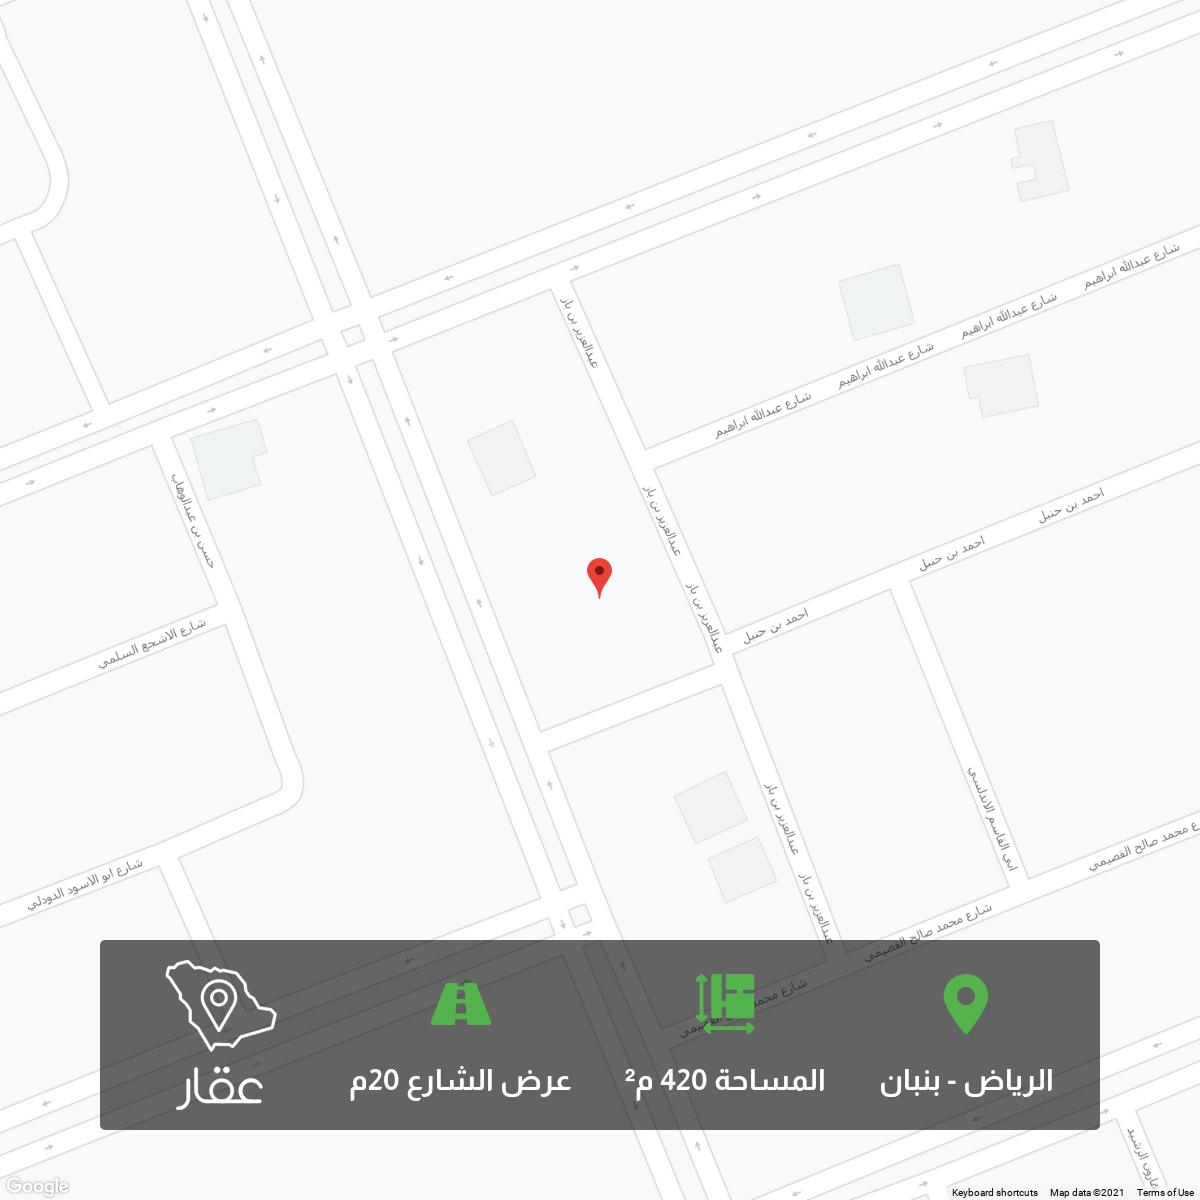 أرض للبيع في شارع عبدالله ابراهيم, ملهم